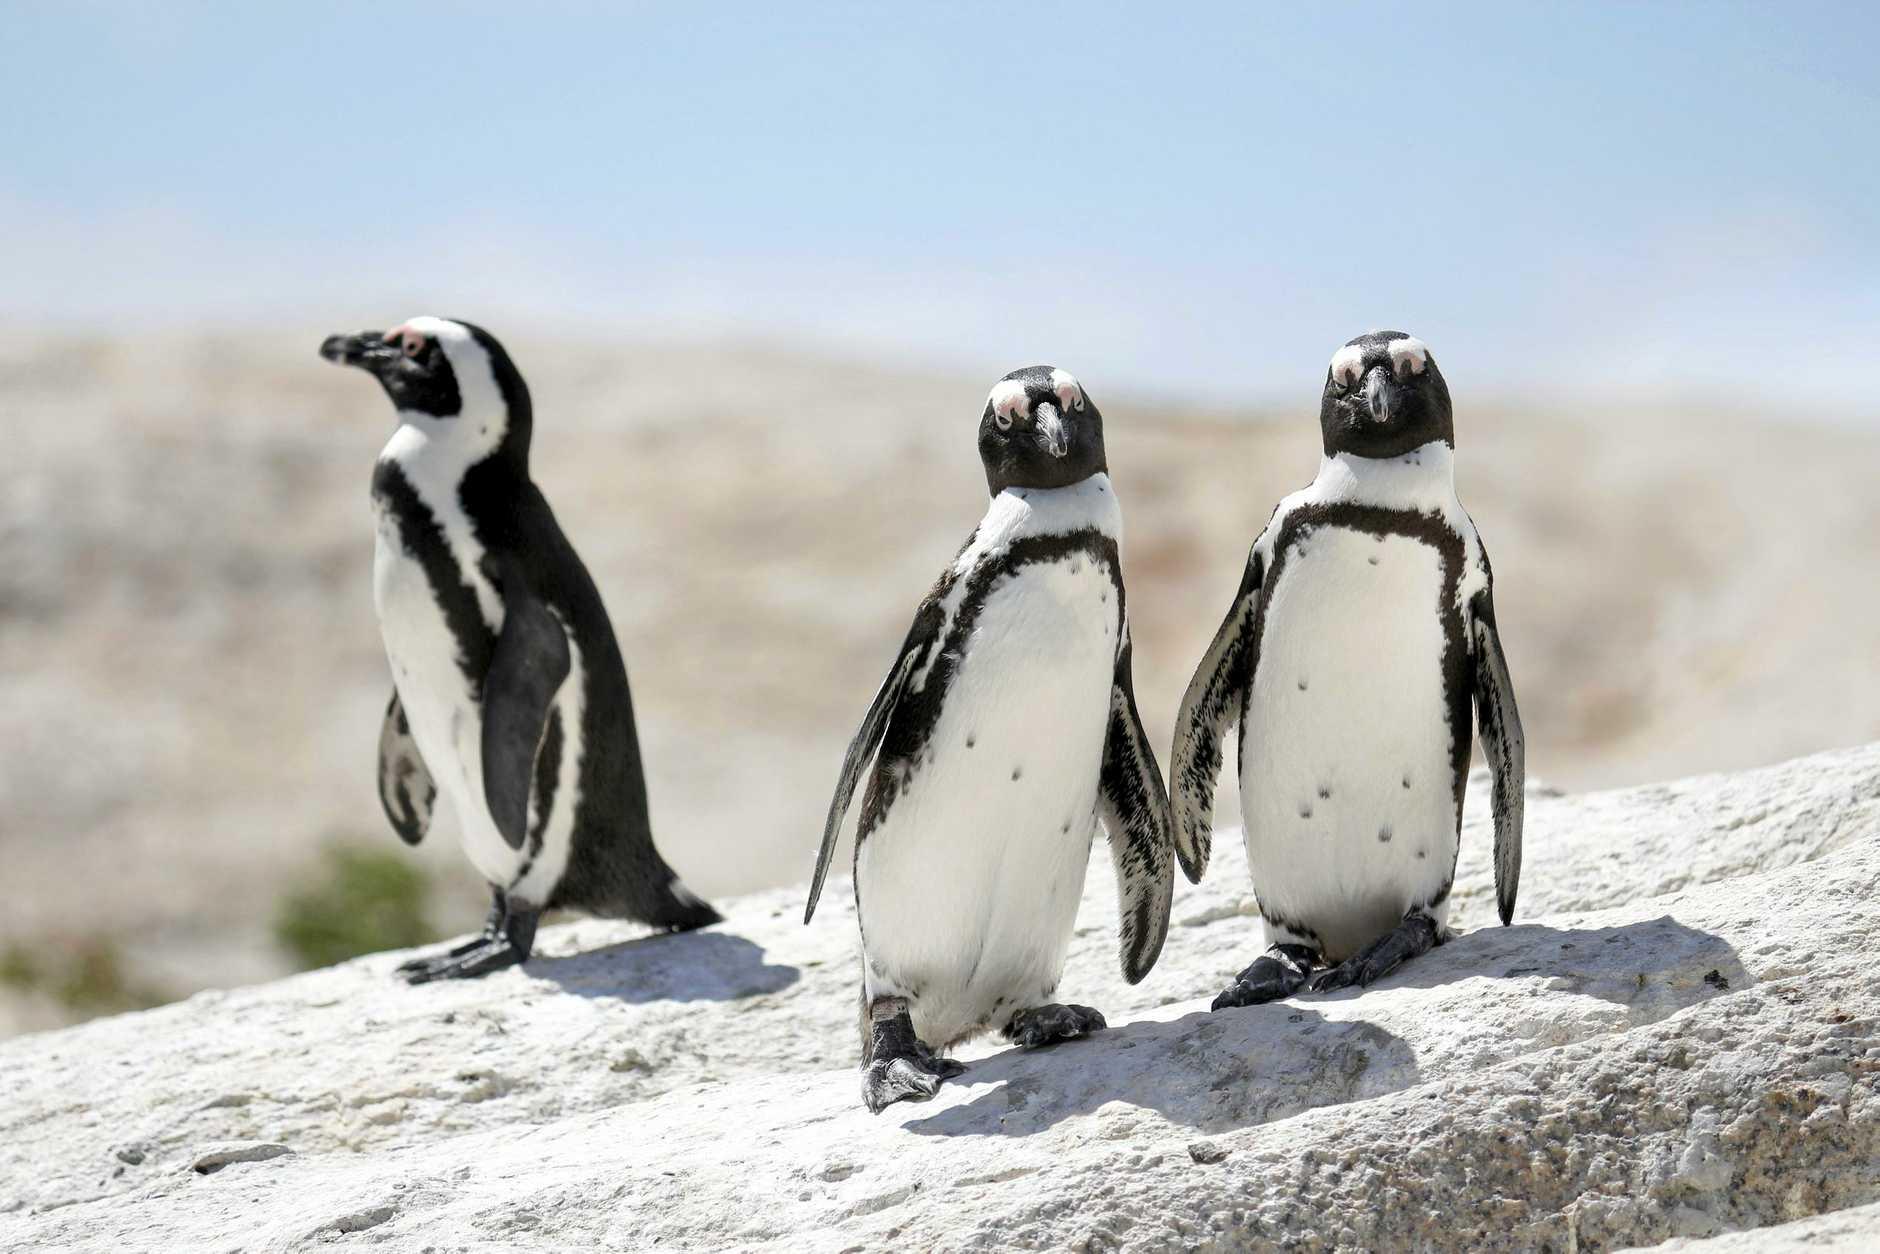 Penguins at Boulders Beach, Simon's Town.